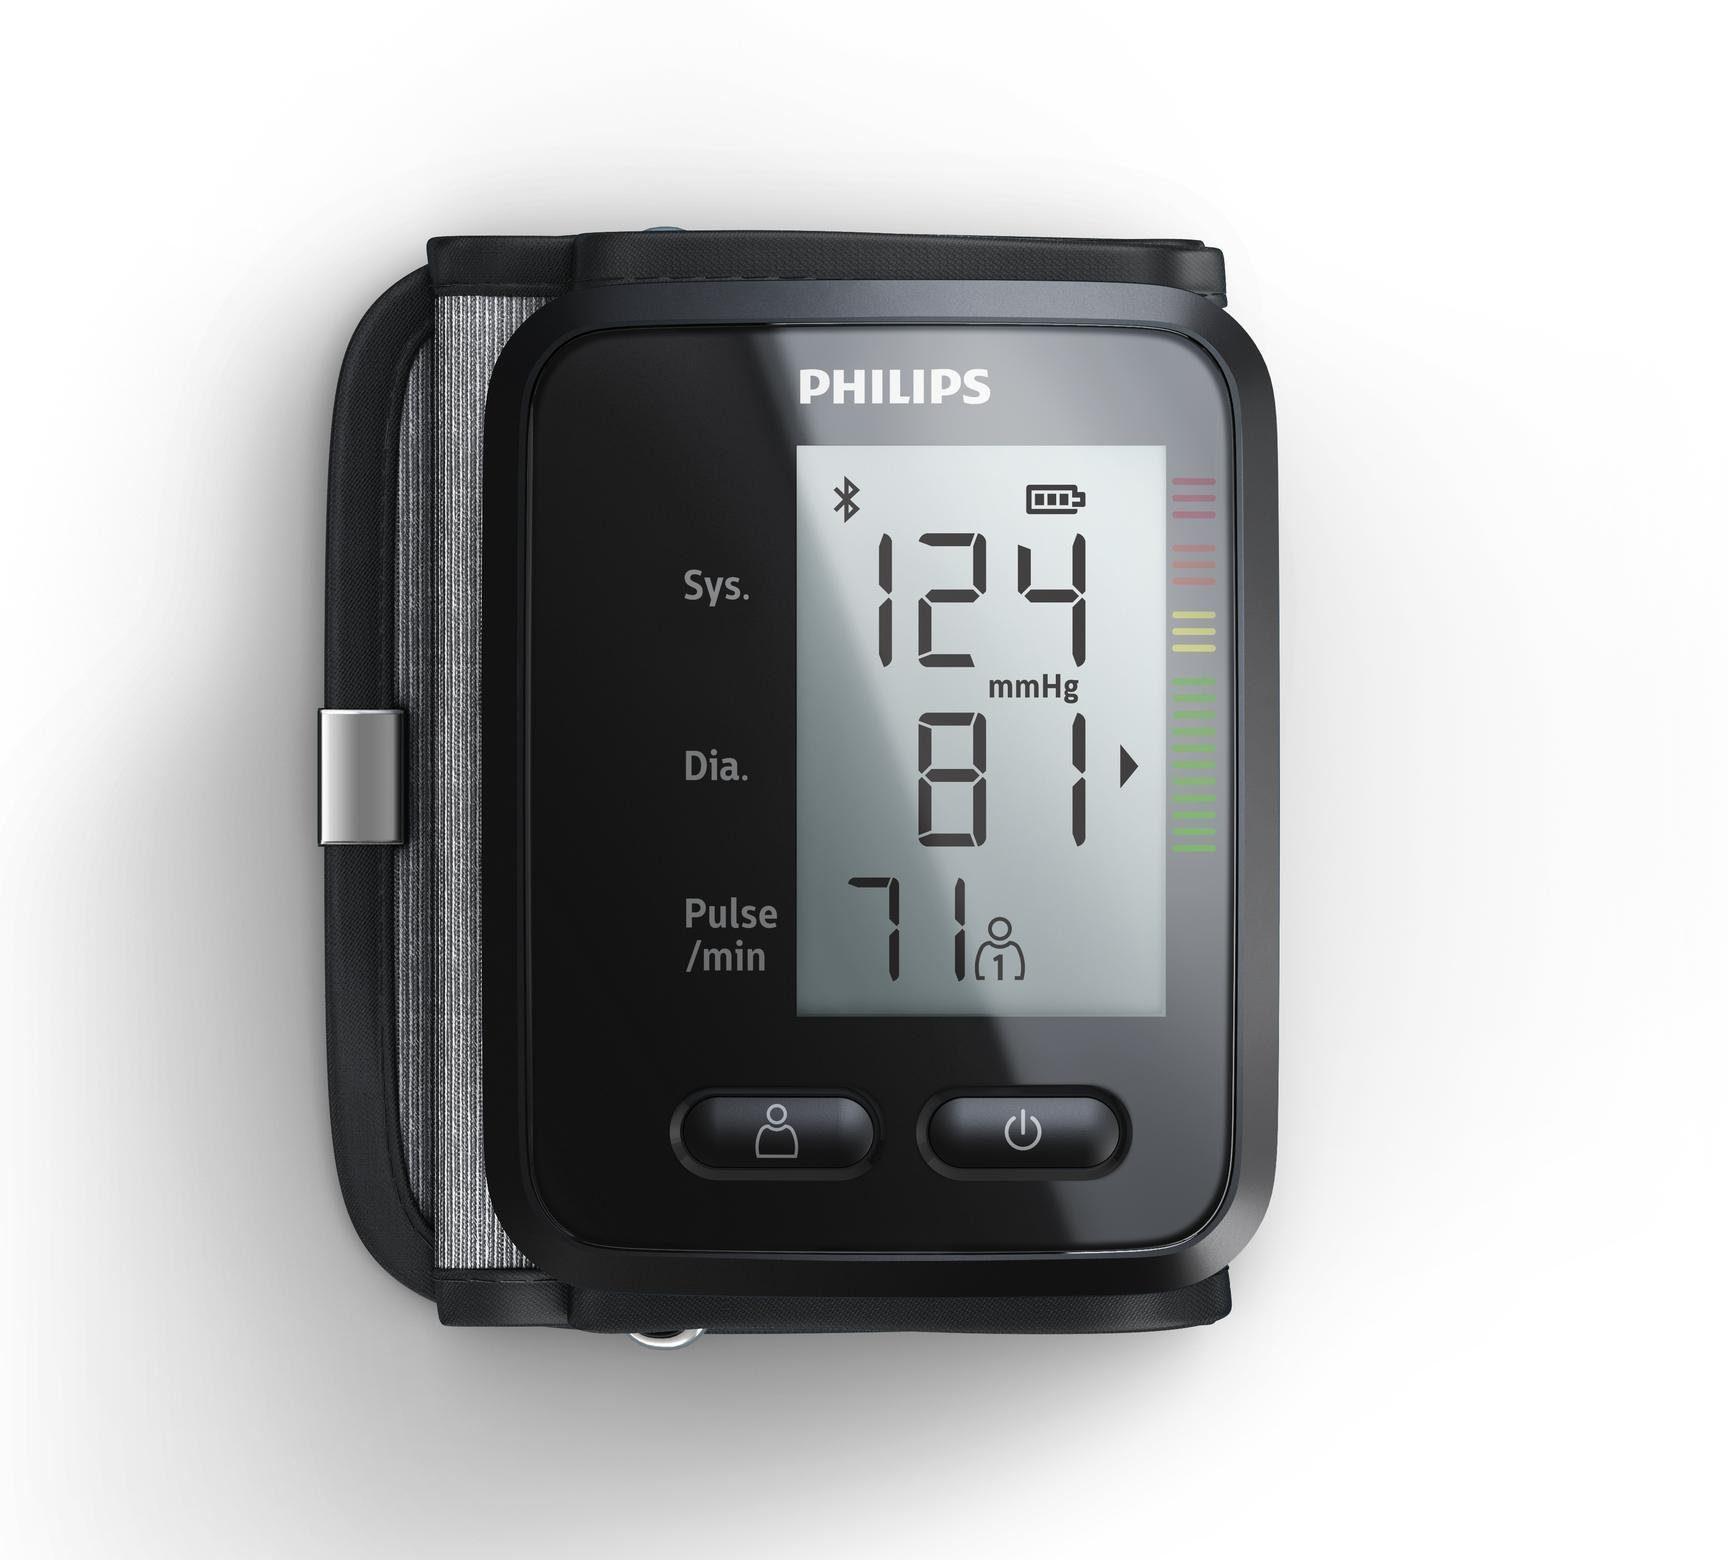 Philips Unterarm Blutdruckmessgerät DL8765/01, mit App-Anbindung